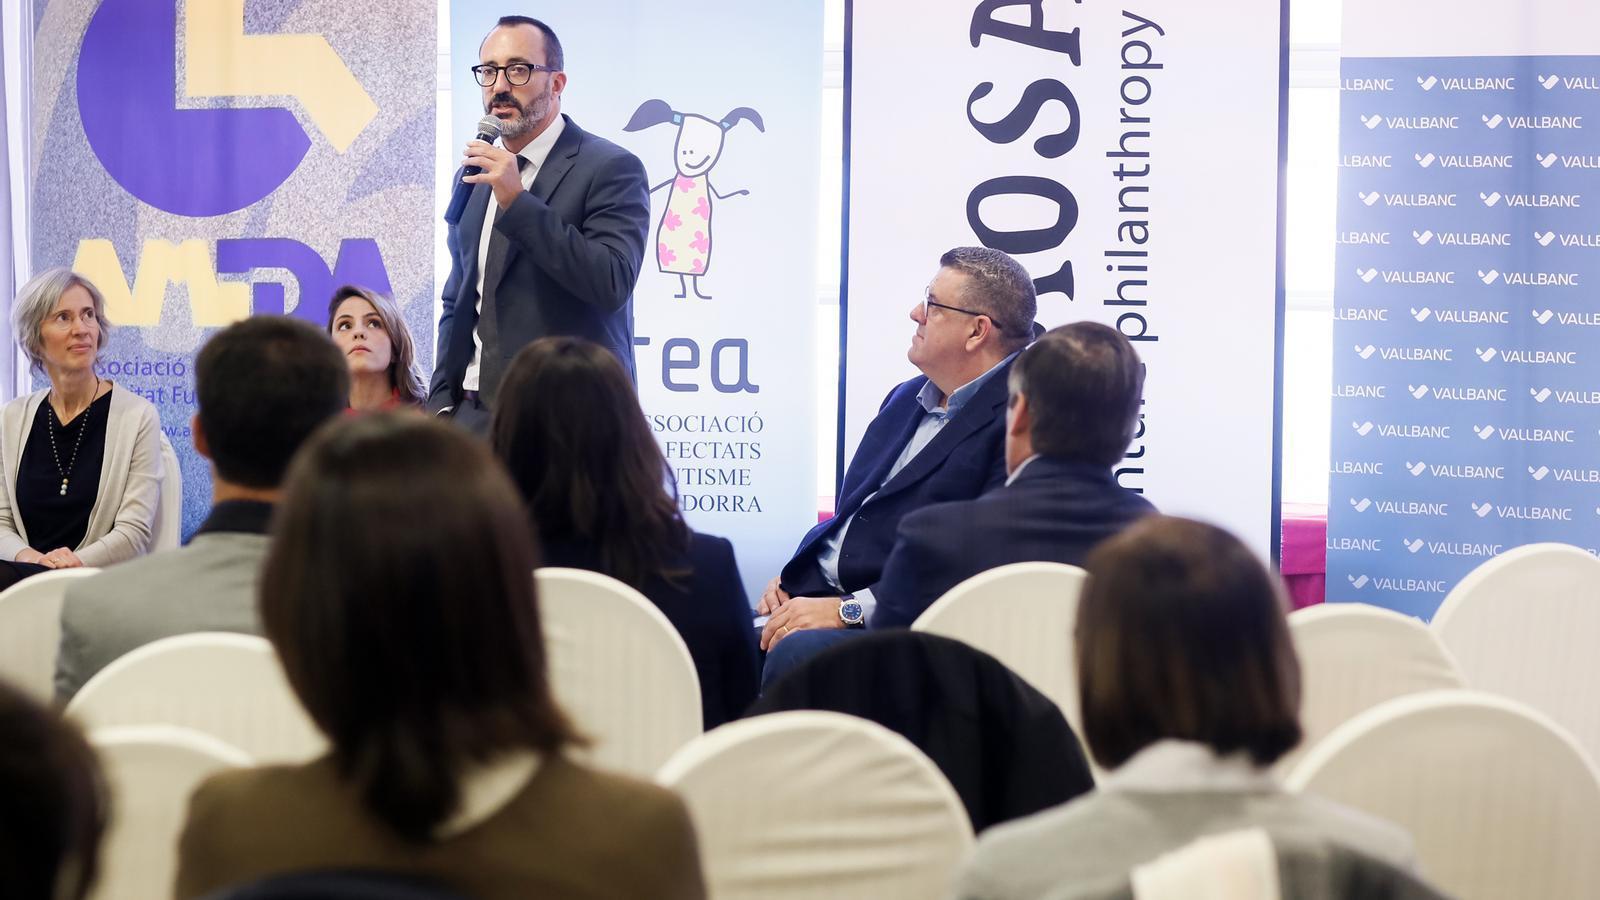 Moment de la intervenció del ministre d'Afers Socials, Habitatge i Joventut, Víctor Filloy, a la jornada de 'Ciutat amable'. / SFG